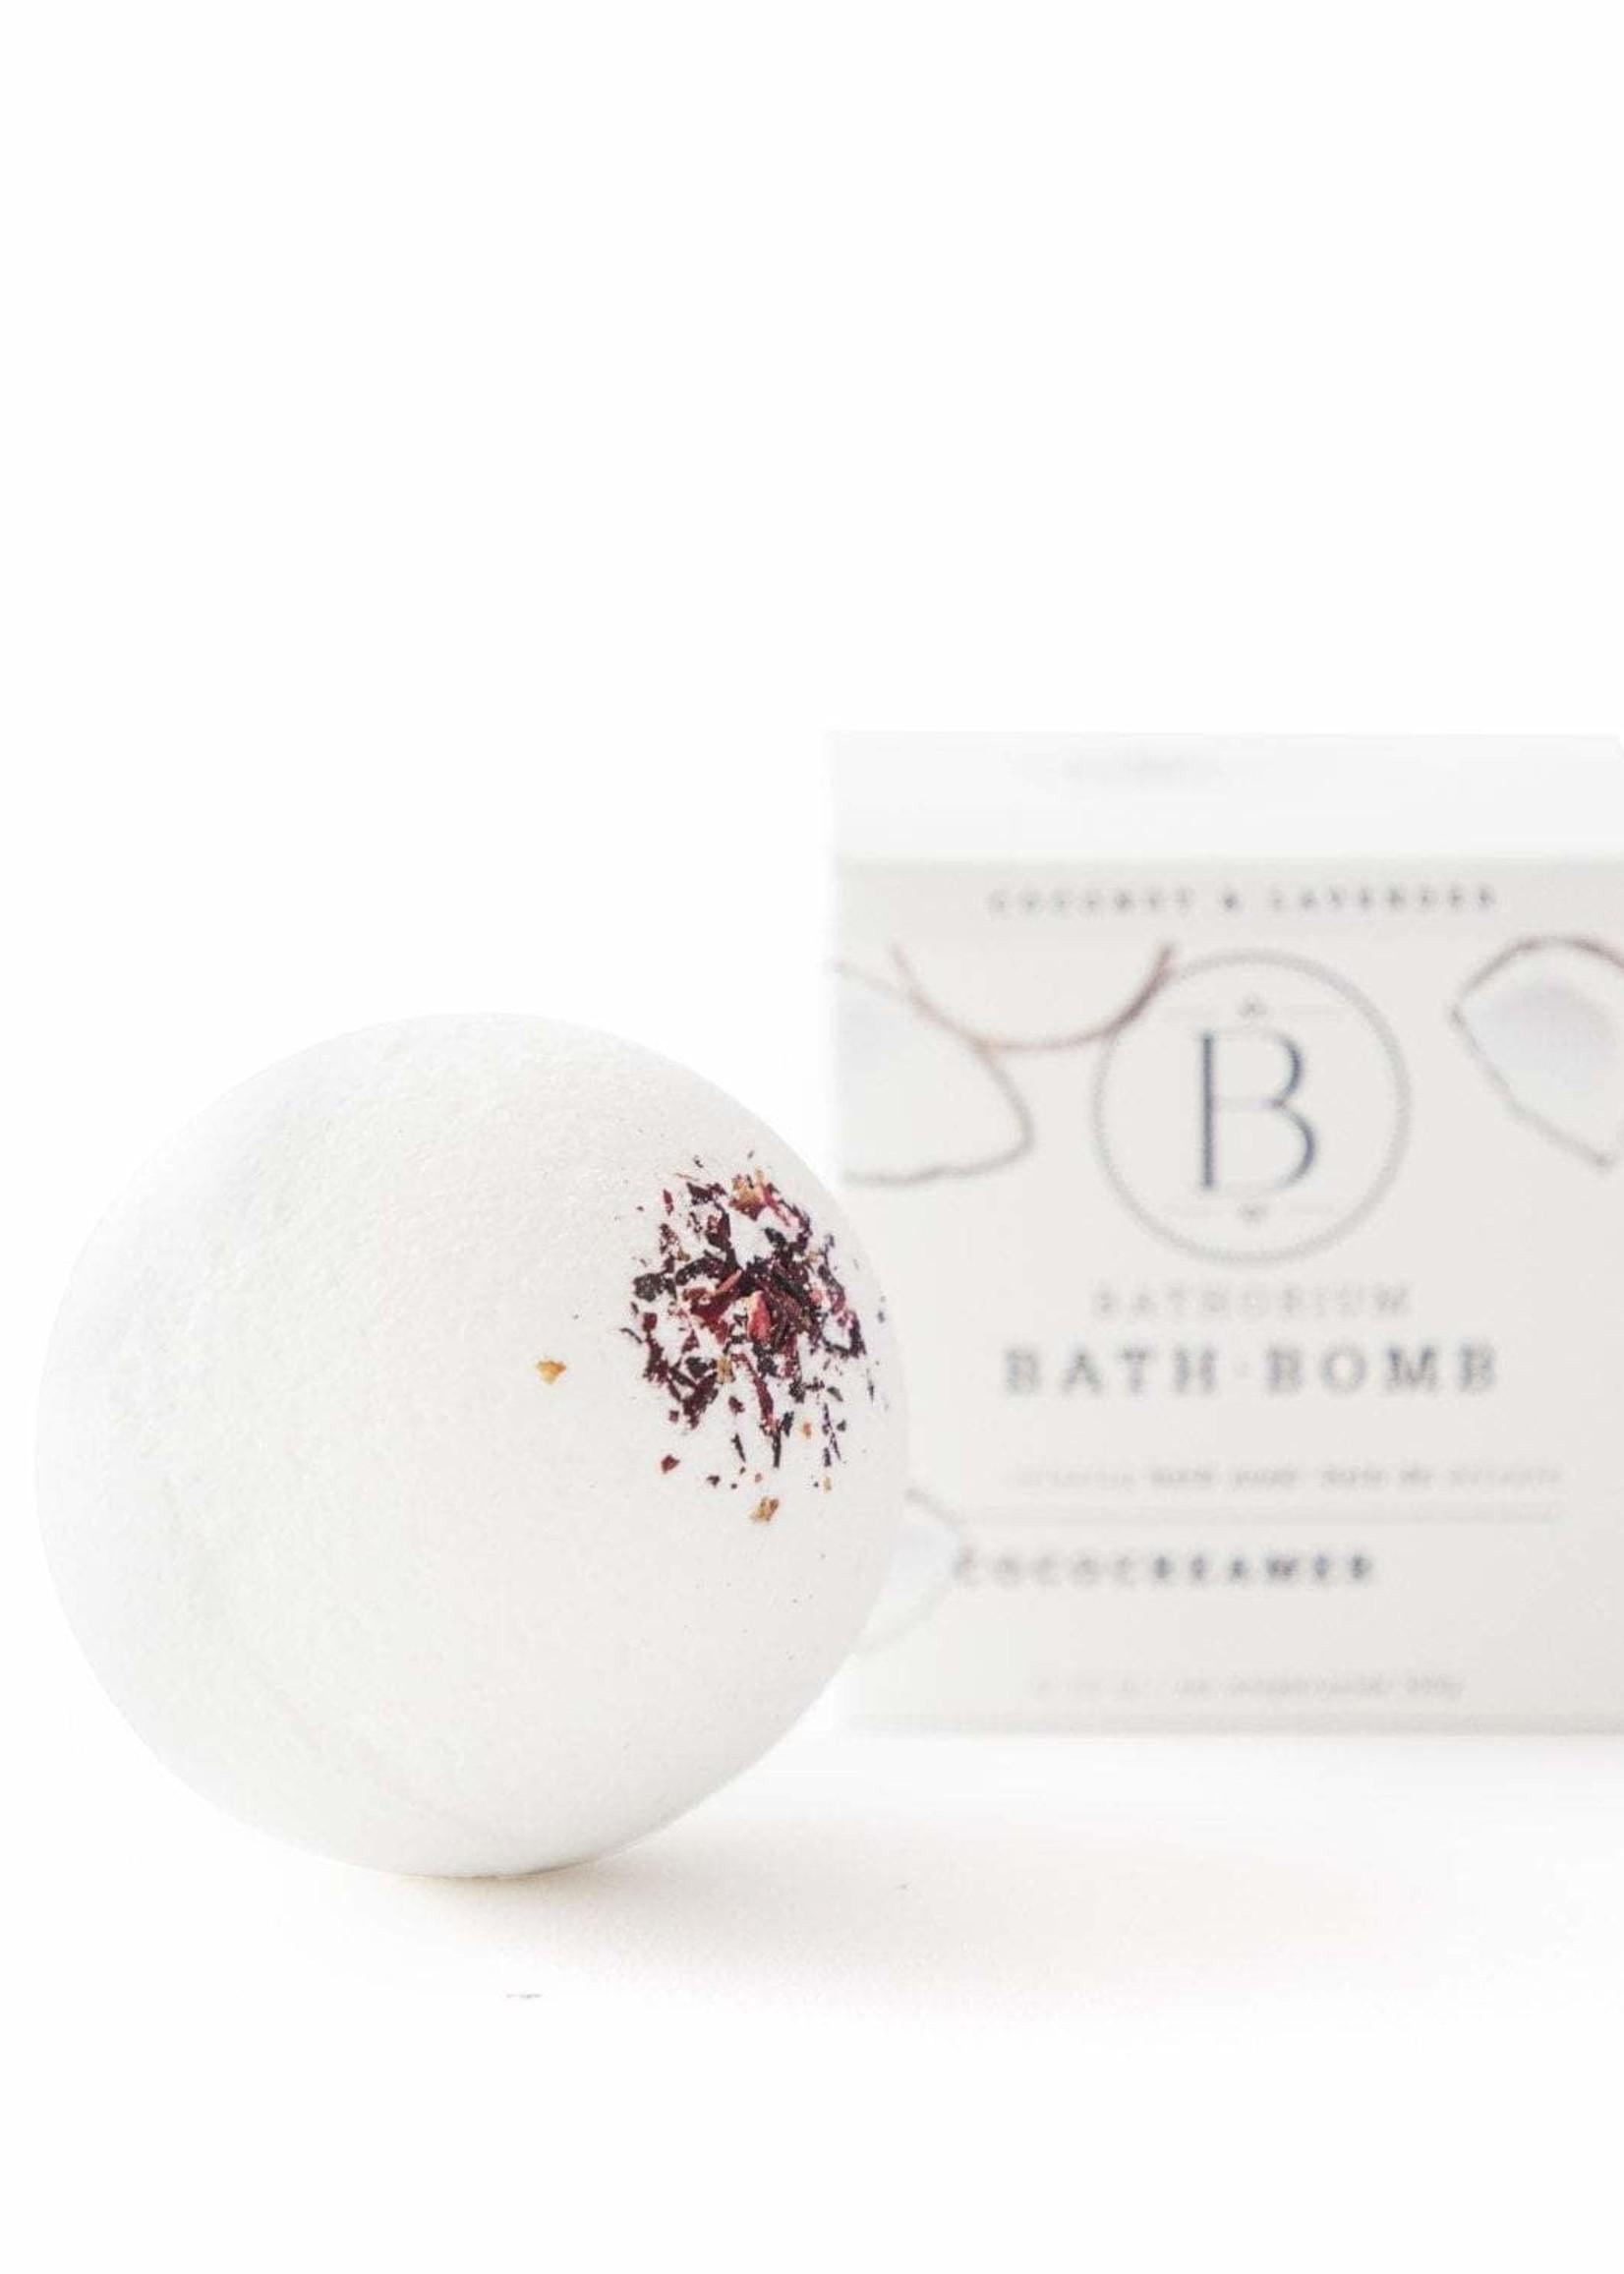 Bathorium Bathorium Bath Bomb